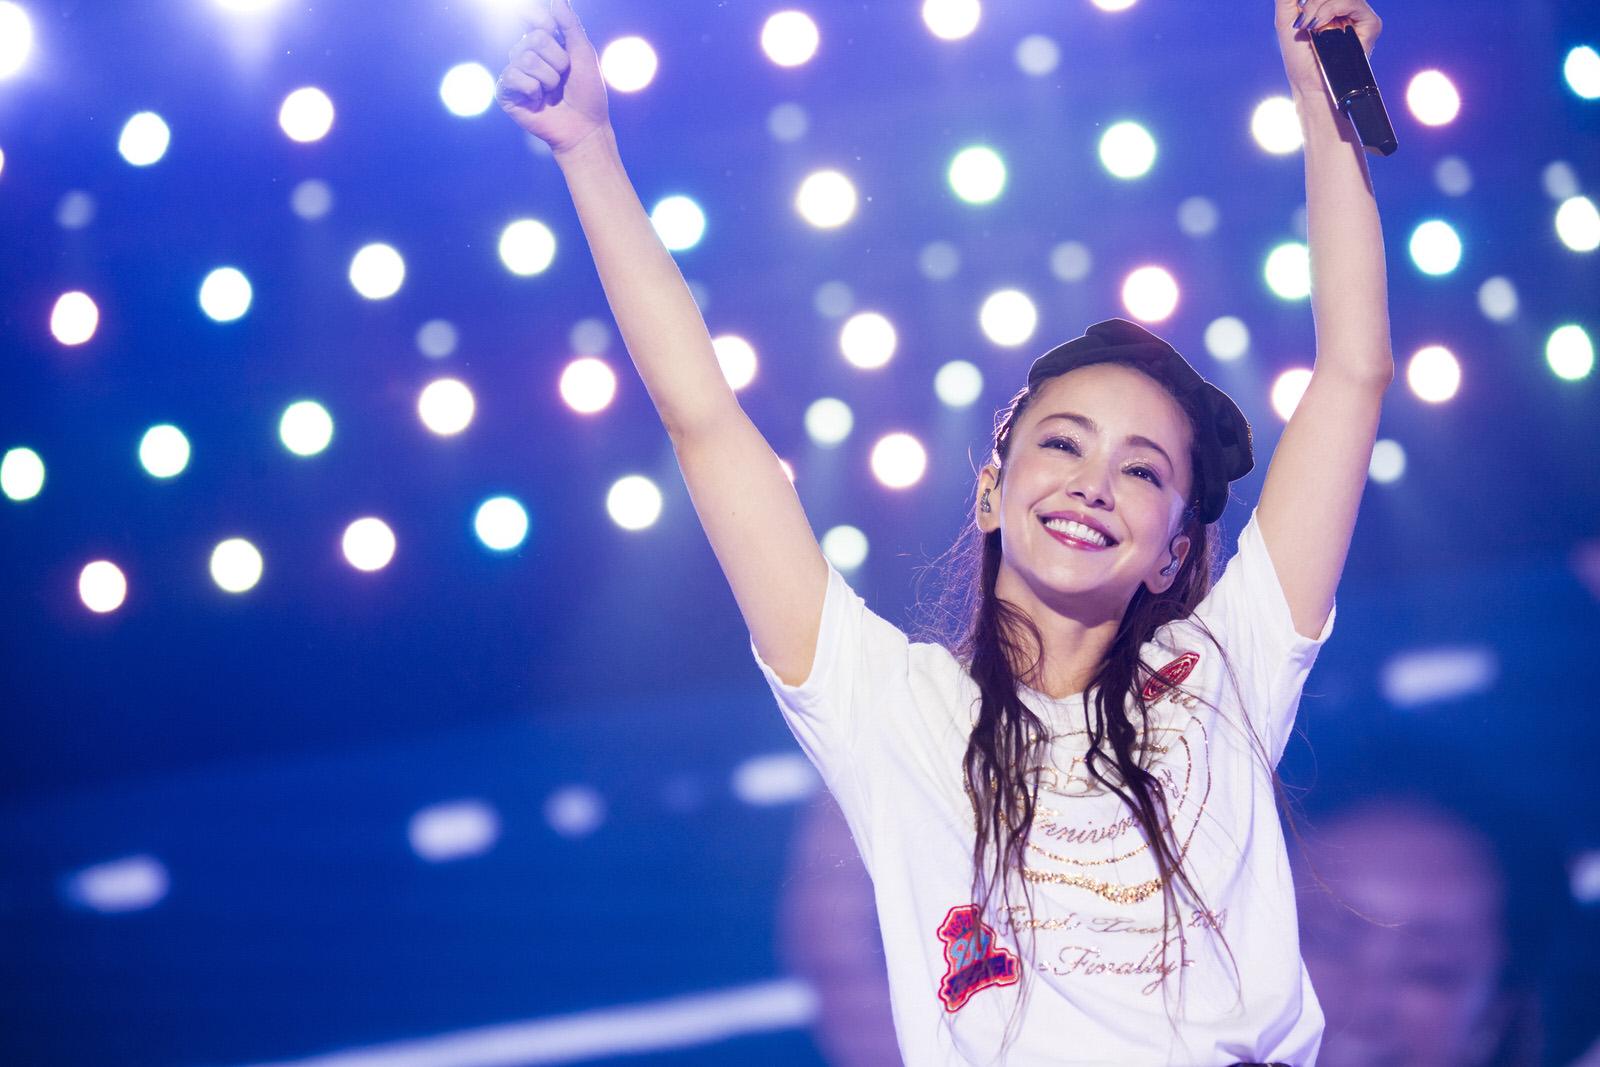 安室奈美恵、公式サイトで引退メッセージ「25年間ありがとうございました」